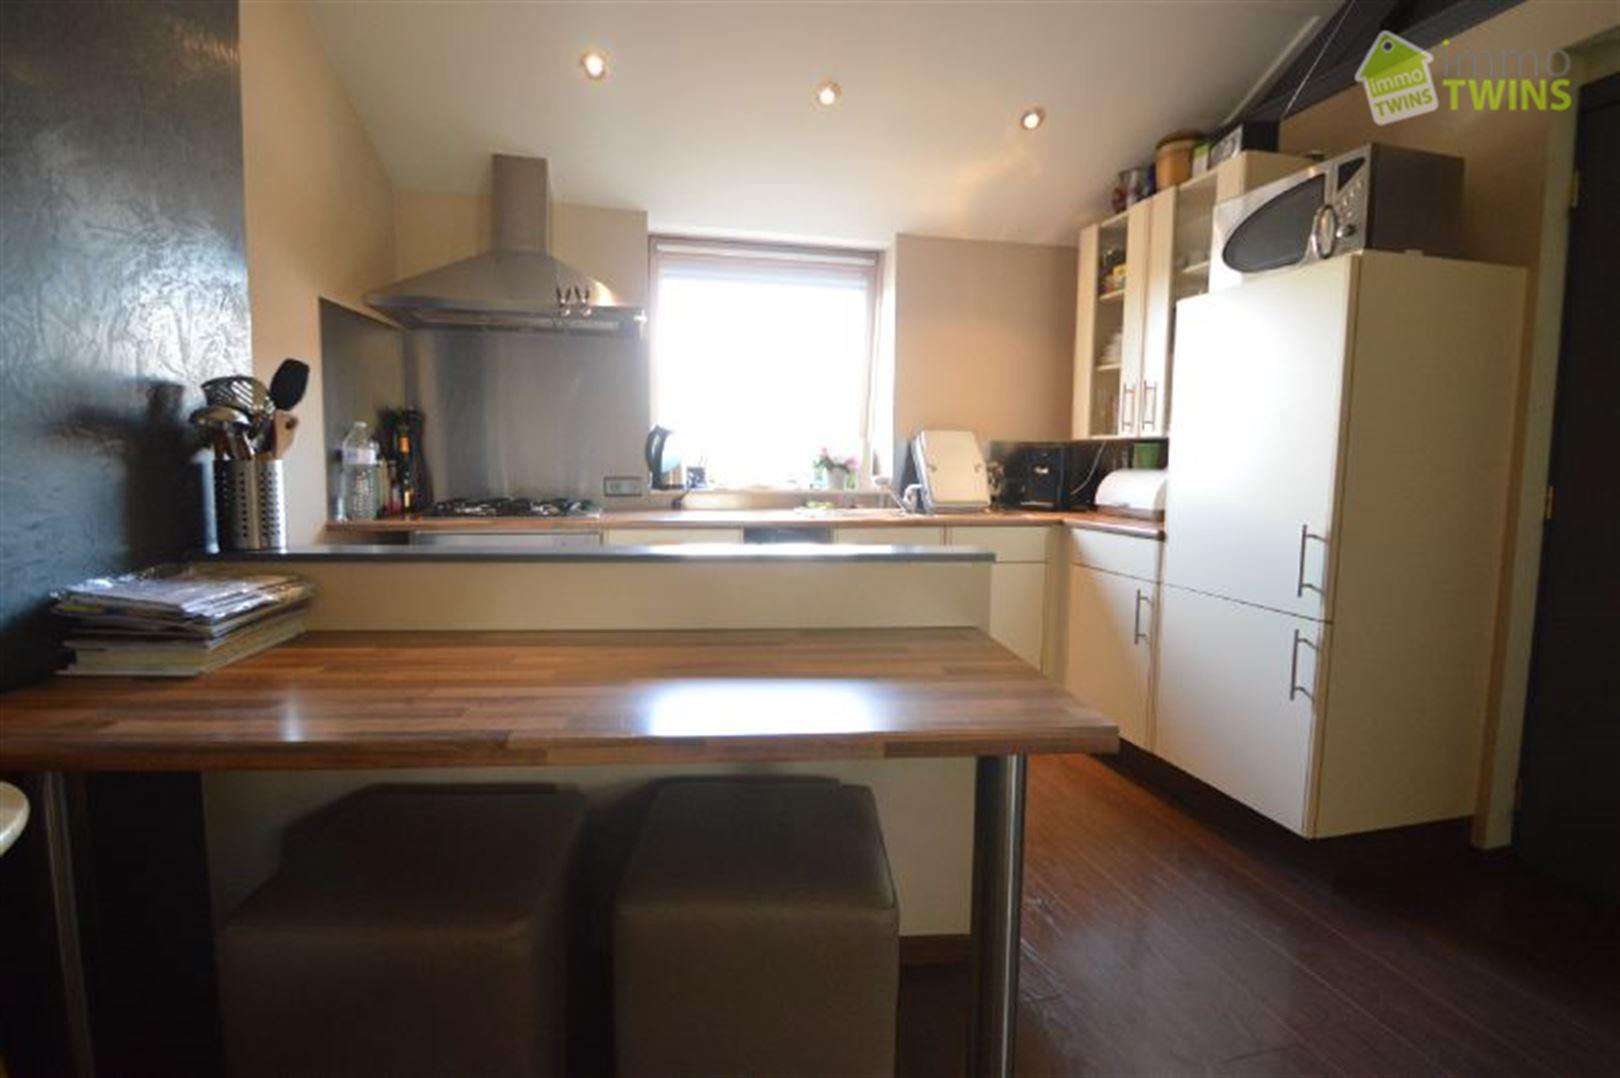 Foto 5 : Huis te 9200 Baasrode (België) - Prijs € 725